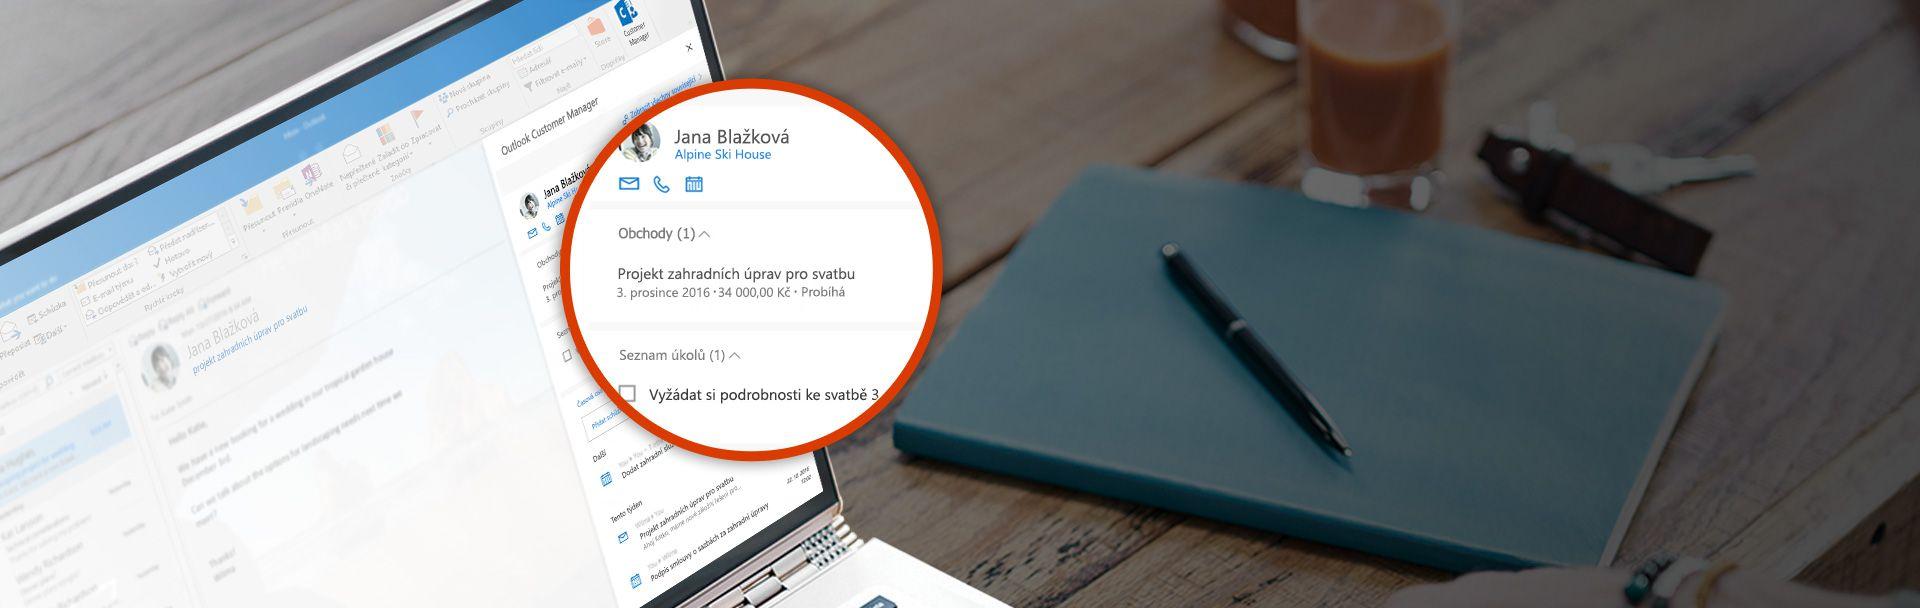 Snímek obrazovky se zvětšenými informacemi ozákaznících